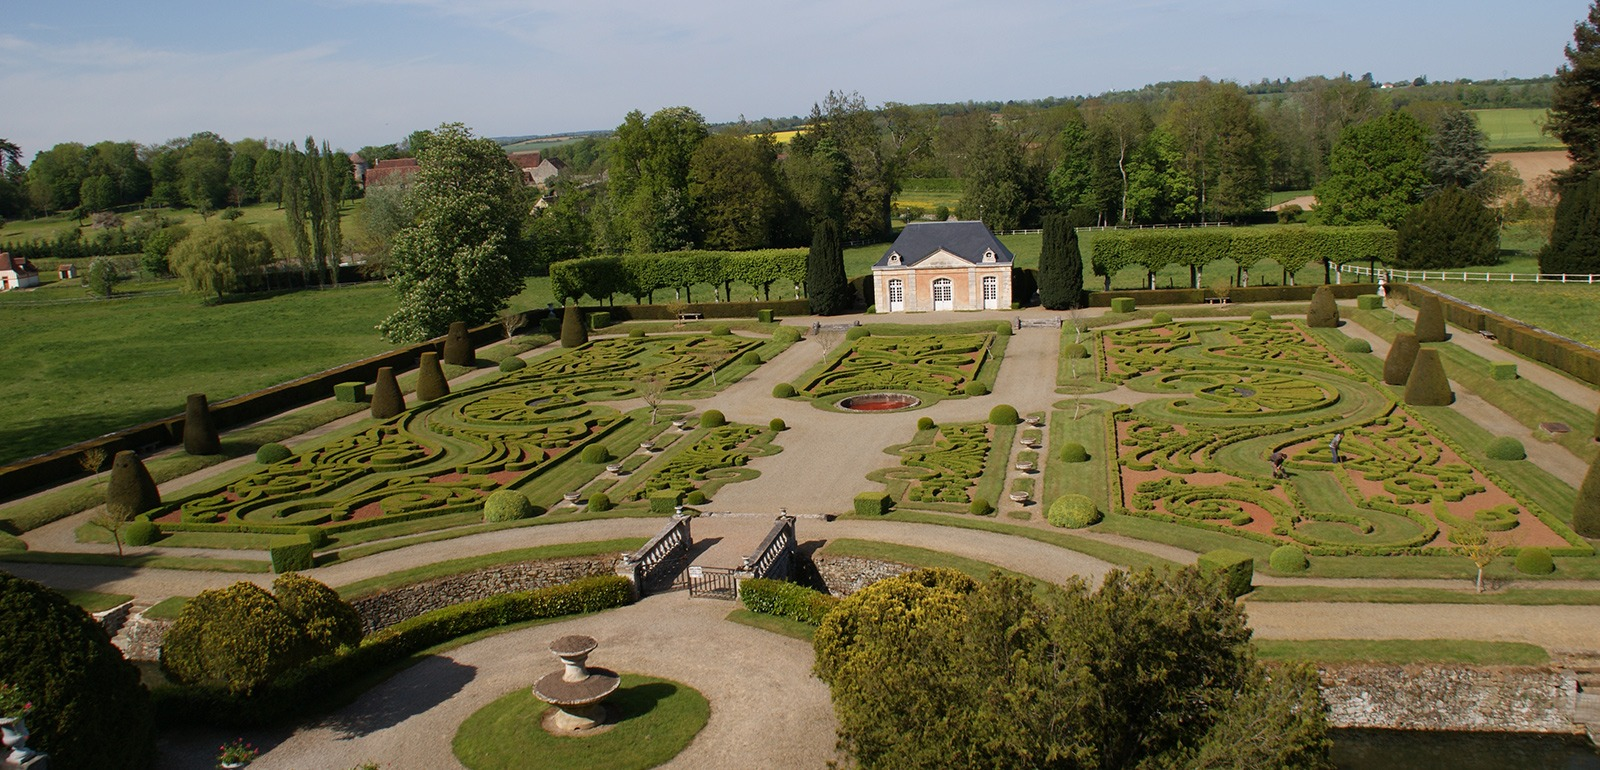 Château de sassy © Tourisme 61